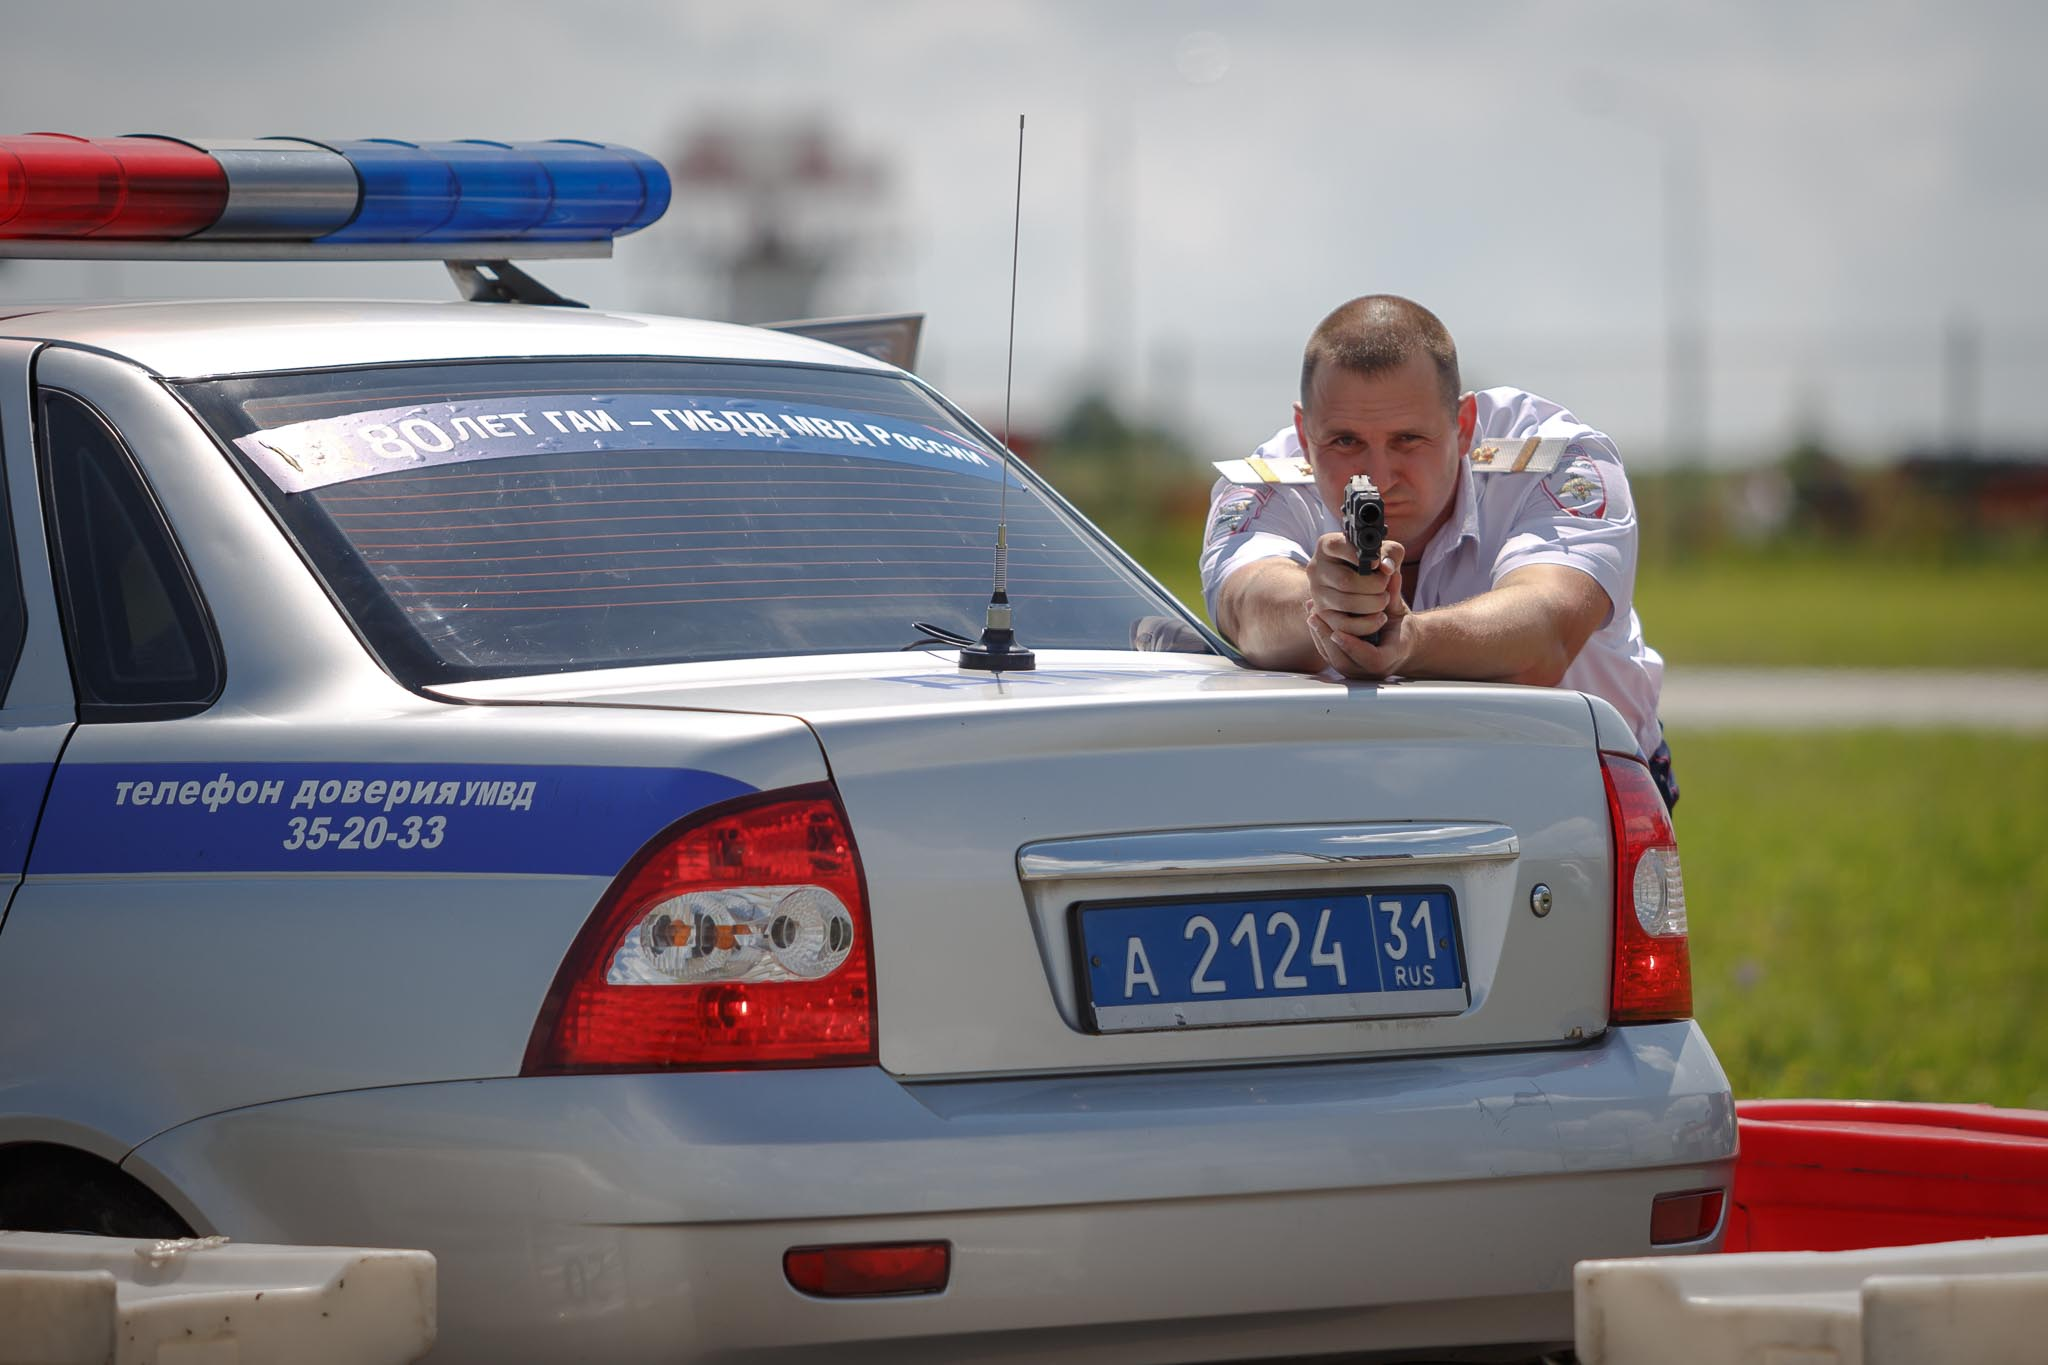 Предыдущим начальником белгородской госавтоинспекции был валерий маматов